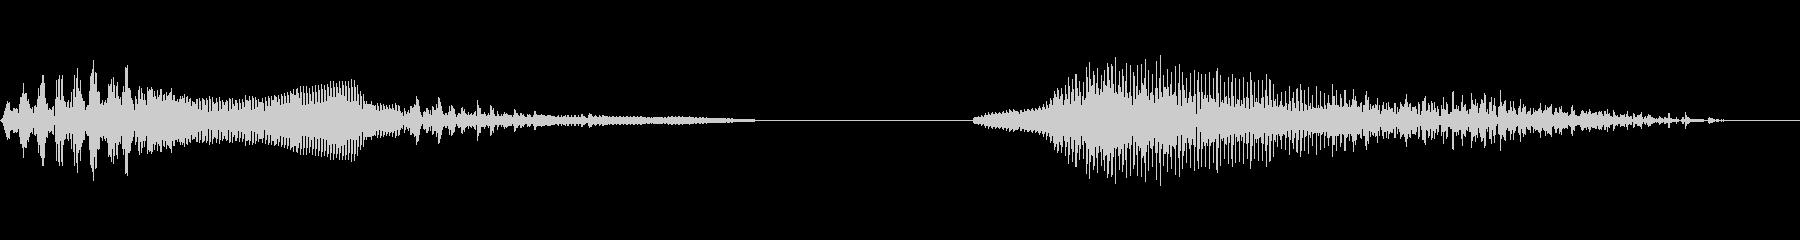 うわぁ(レトロゲーム音質の悲鳴)の未再生の波形